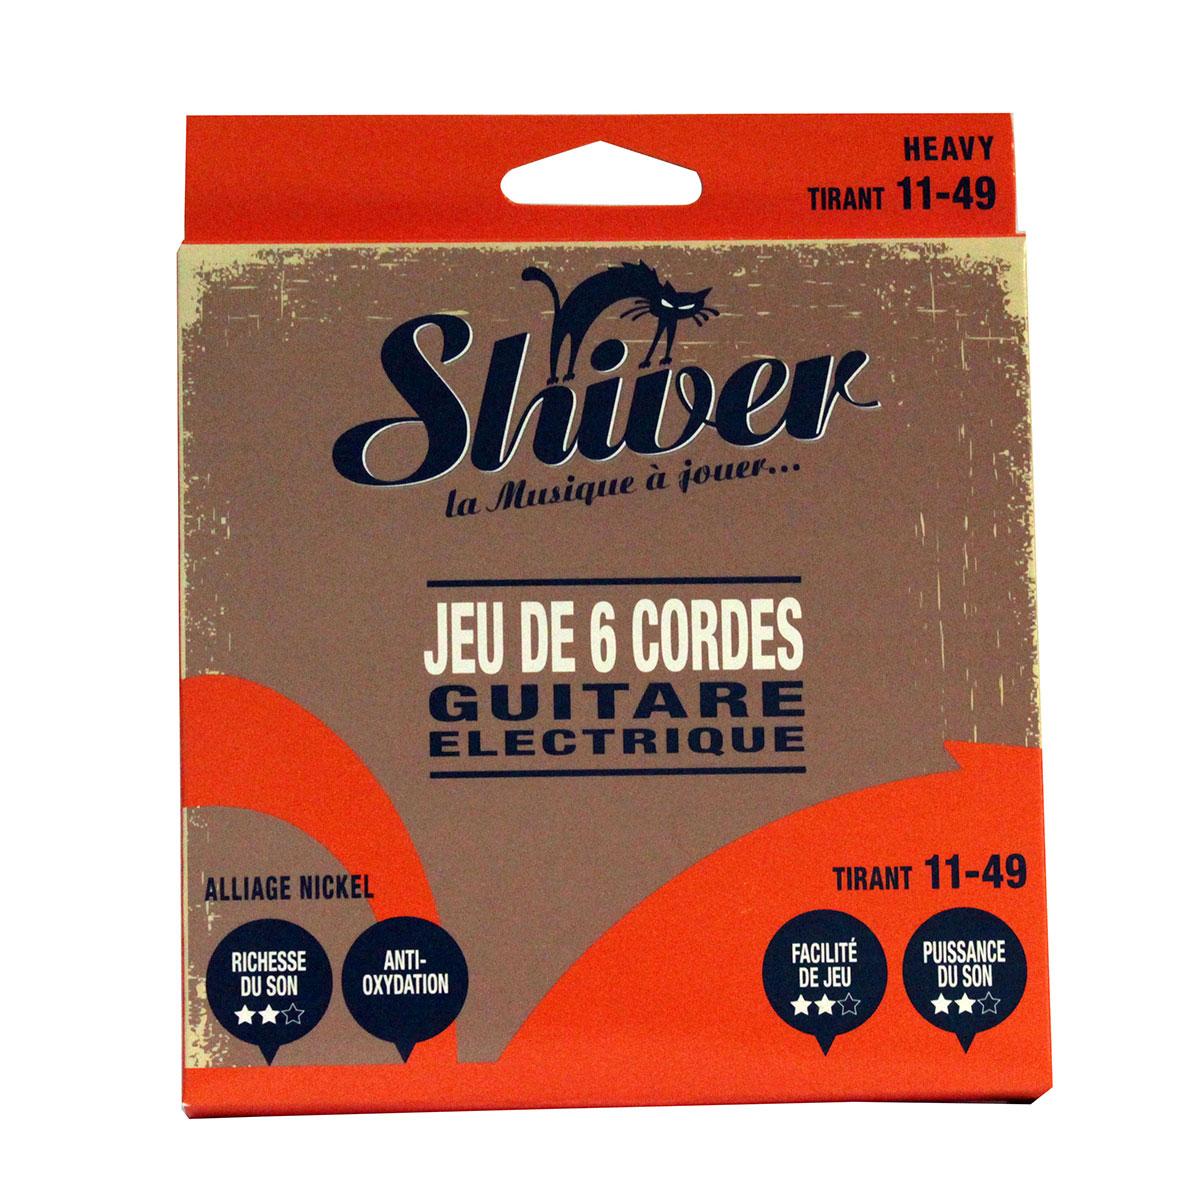 Shiver - Jeu 6 cordes guitare électrique 11-49 standard